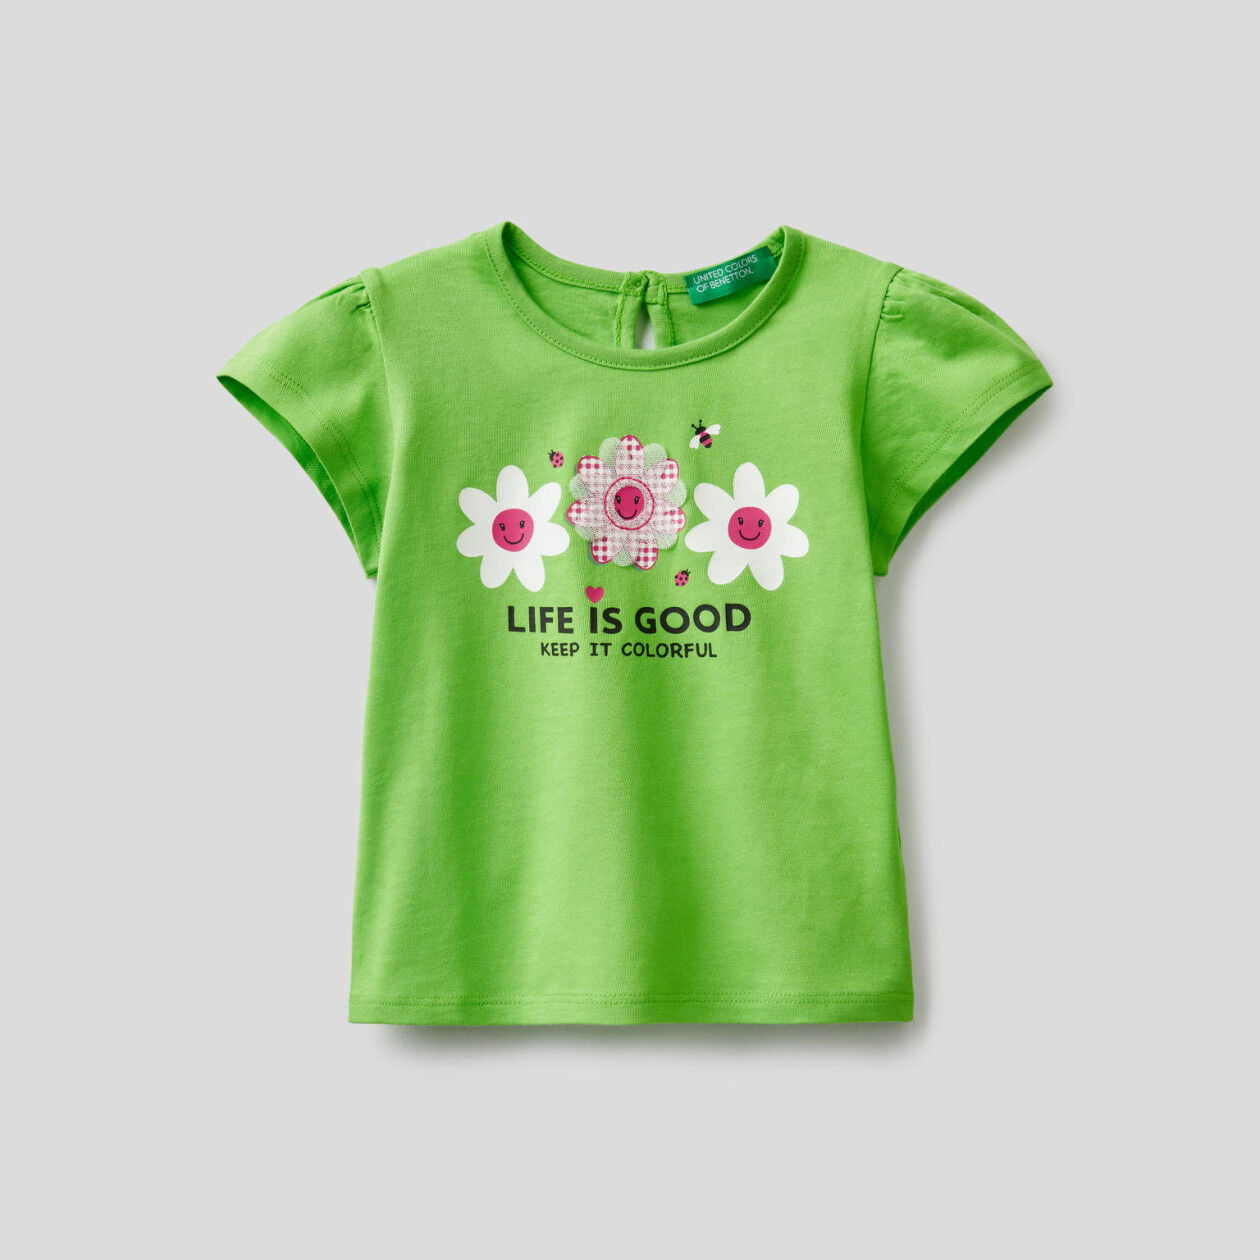 Camiseta de algodón con estampado